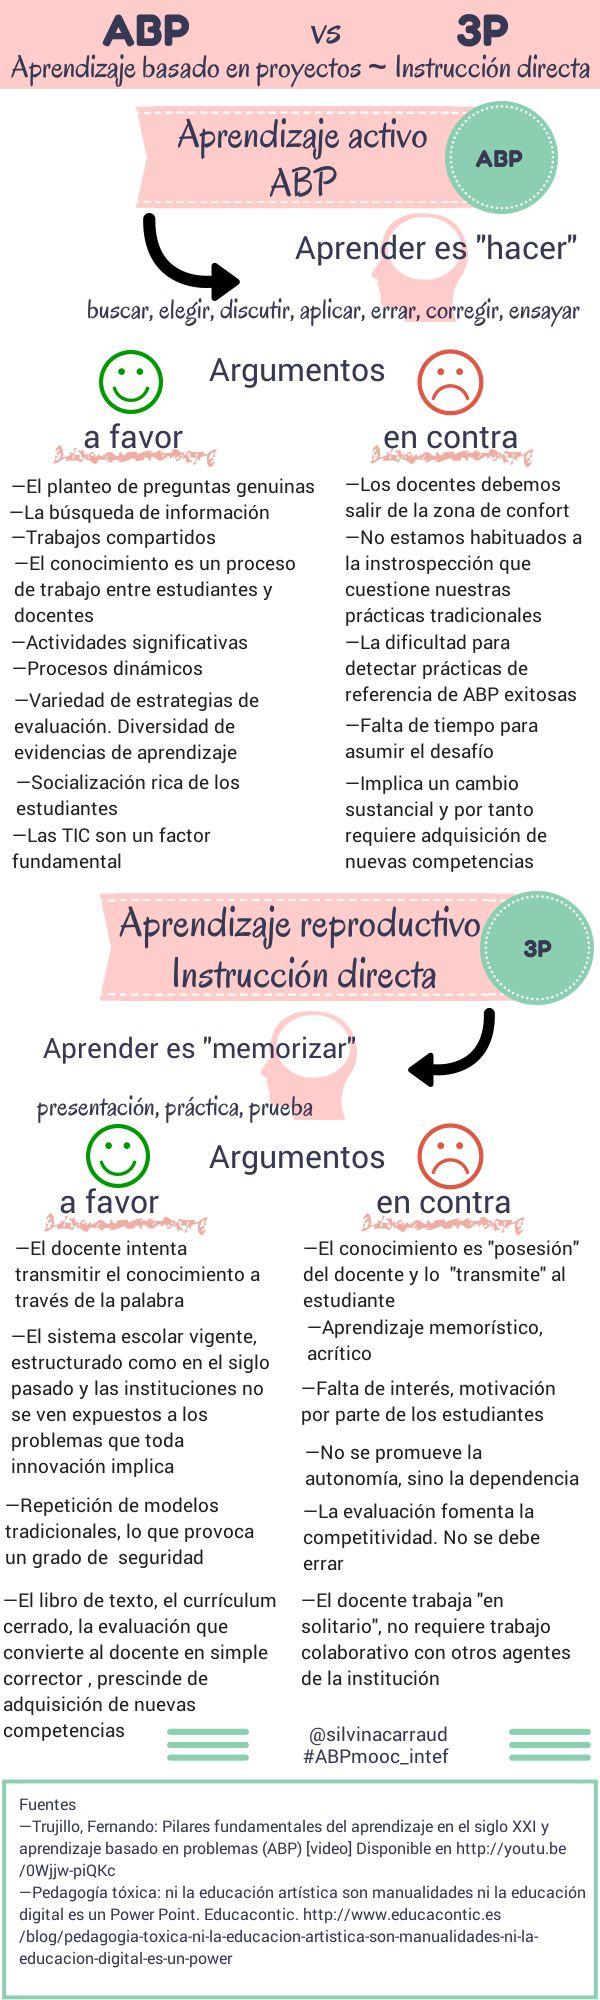 Aprendizaje activo vs Aprendizaje reproductivo #infografia #infographic #education Argumentos a favor y en contra